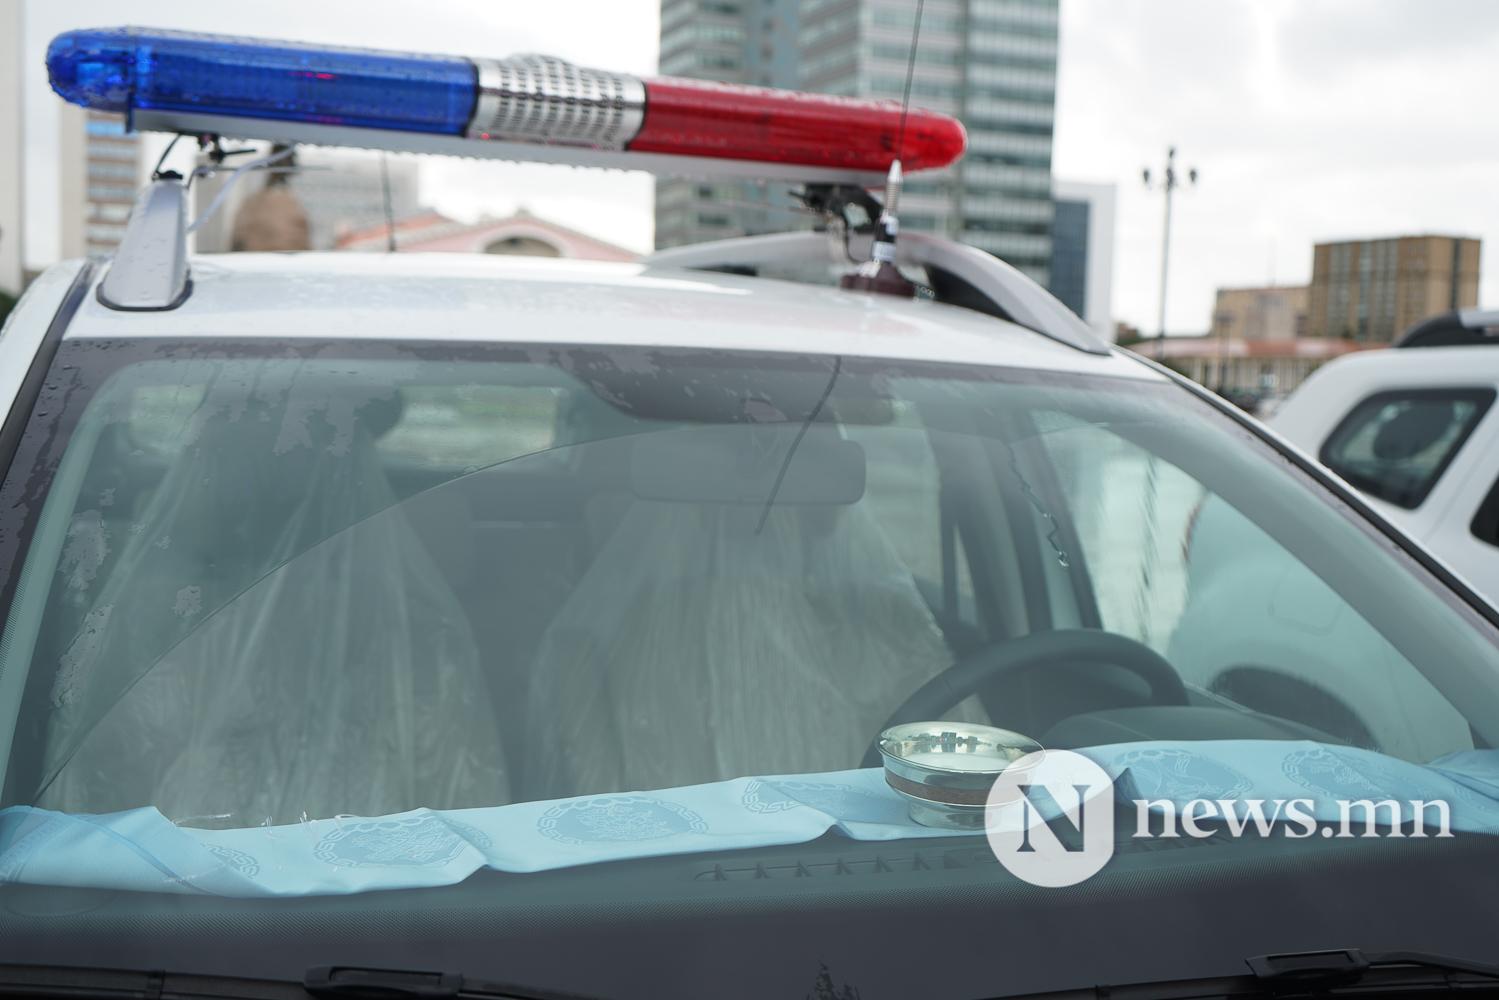 Нийслэлийн эрүүл мэнд, цагдаагийн байгууллагад 92 автомашин гардуулж байна (30 of 45)